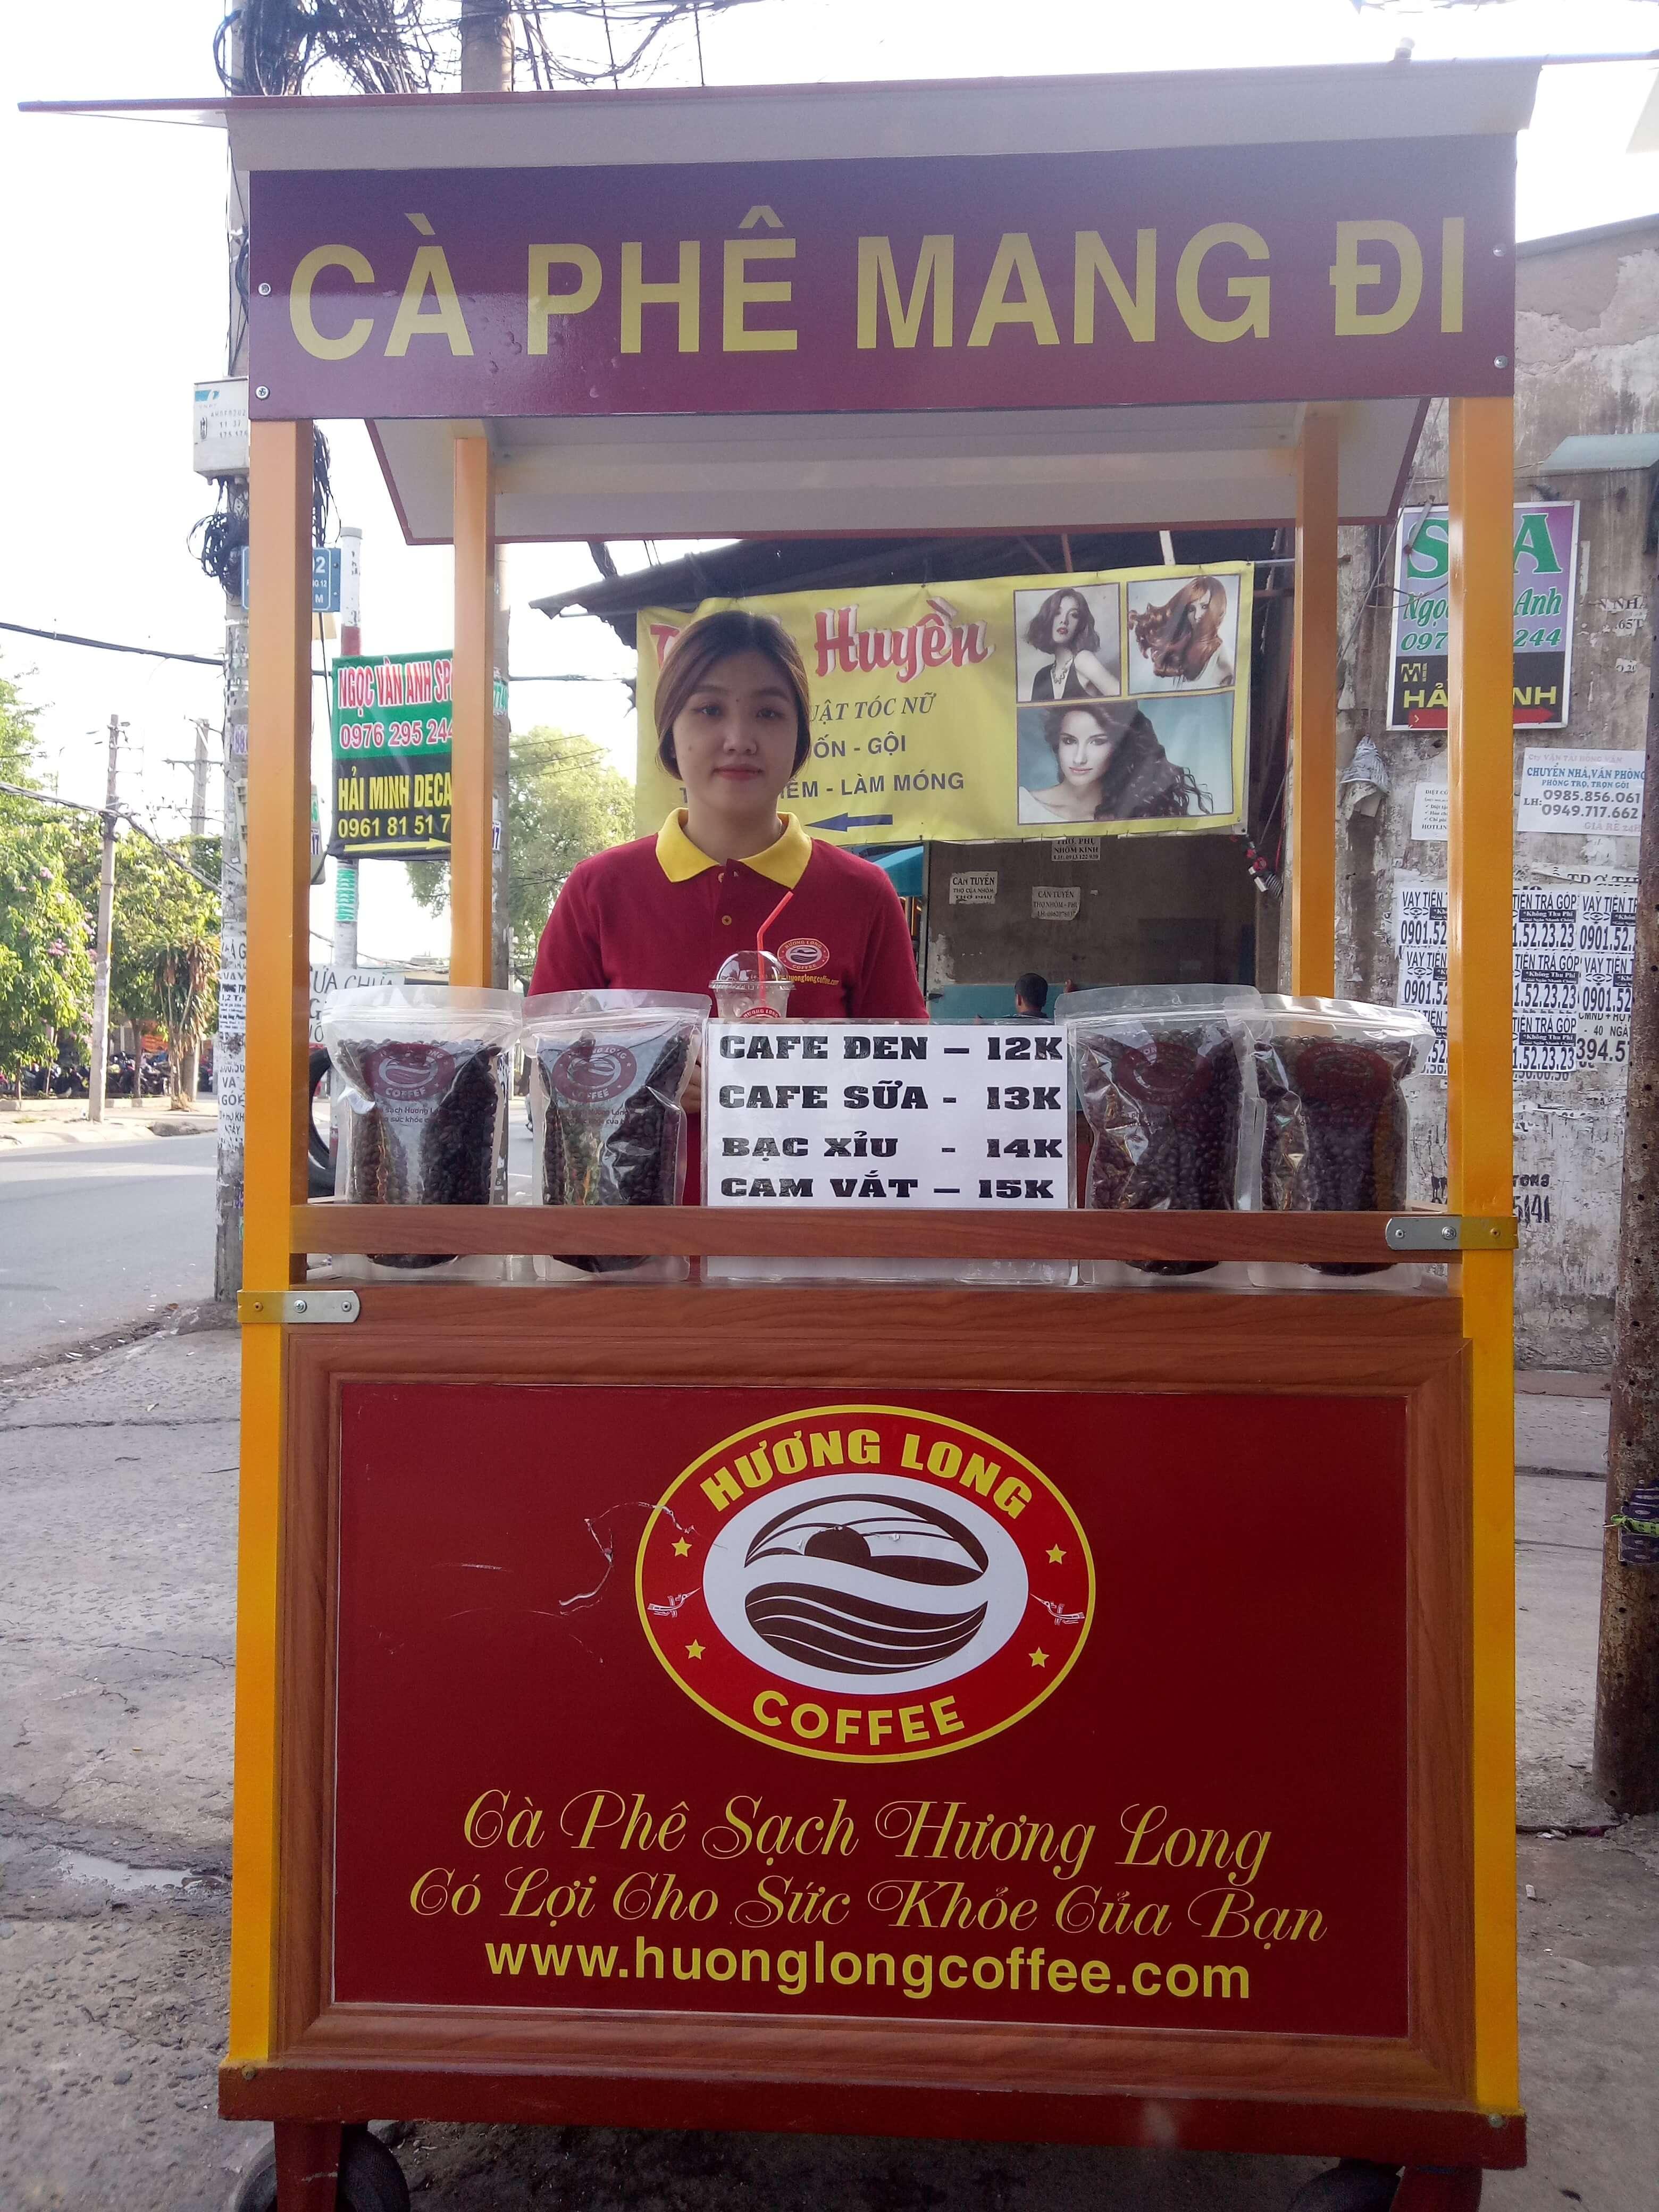 xe cà phê mang đi hương long